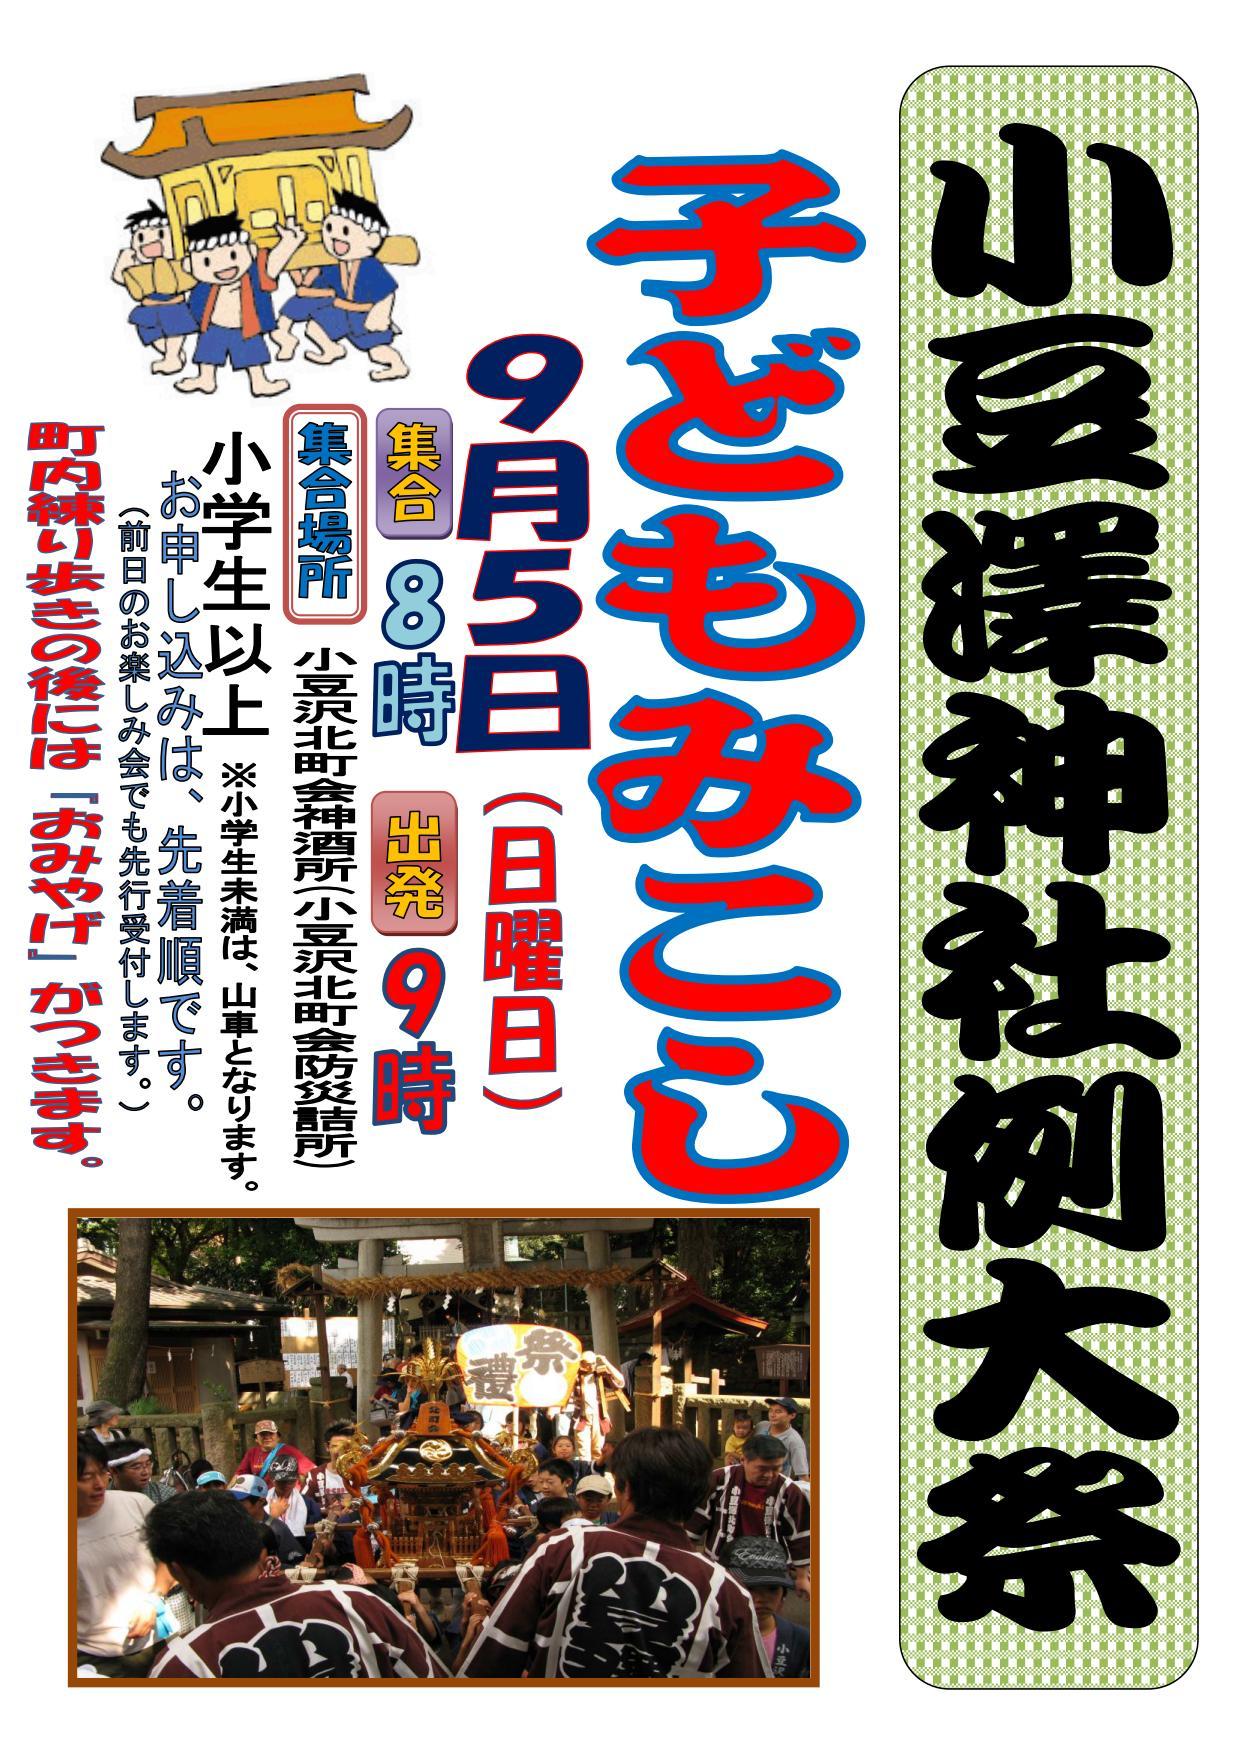 2010-09-04小豆澤神社例大祭こどもみこし